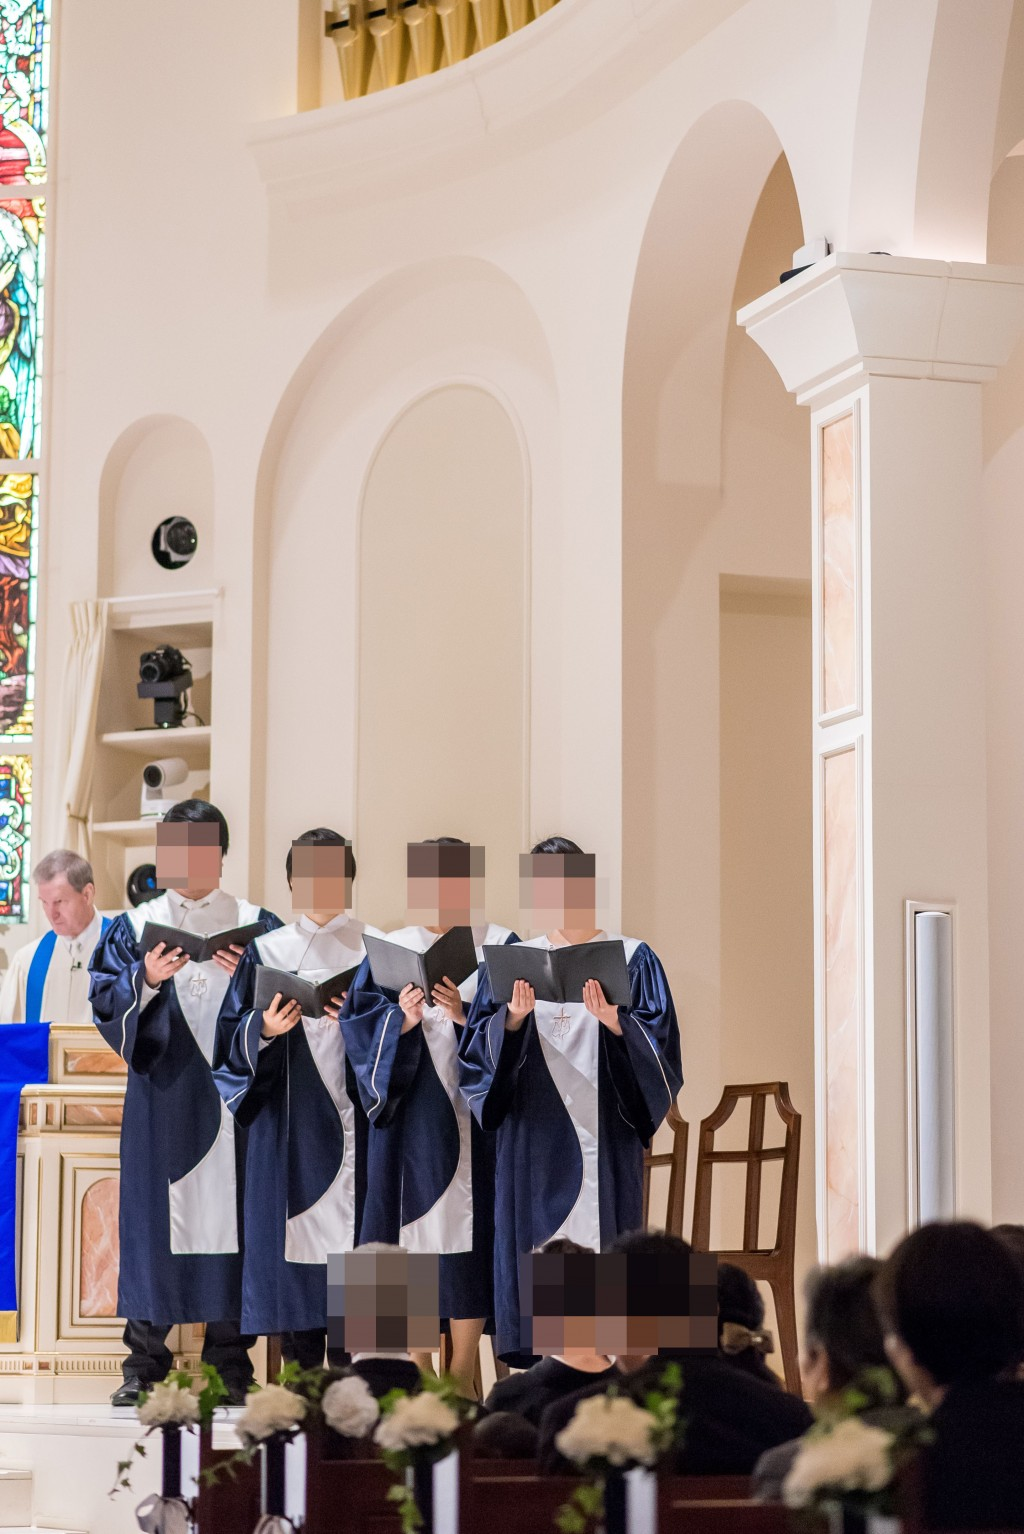 アニヴェルセルみなとみらい横浜 結婚式レポブログ チャペルでの挙式(神前式)確認の儀、誓約、賛美歌